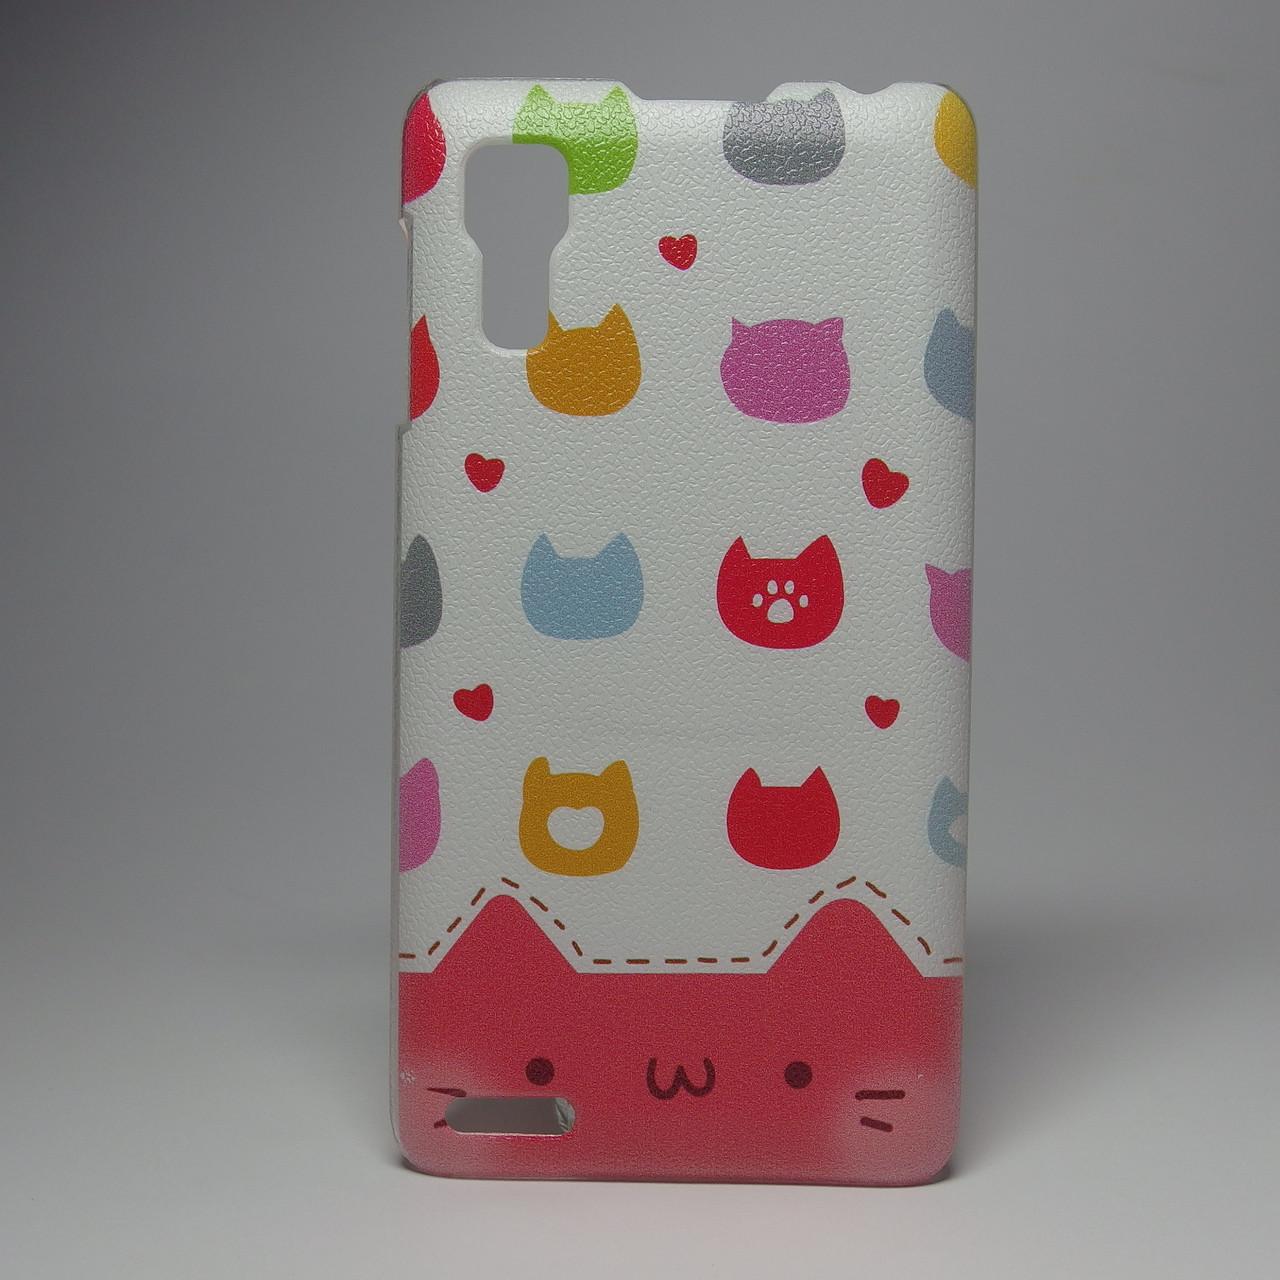 Чехол для lenovo p780 панель накладка с рисунком котики